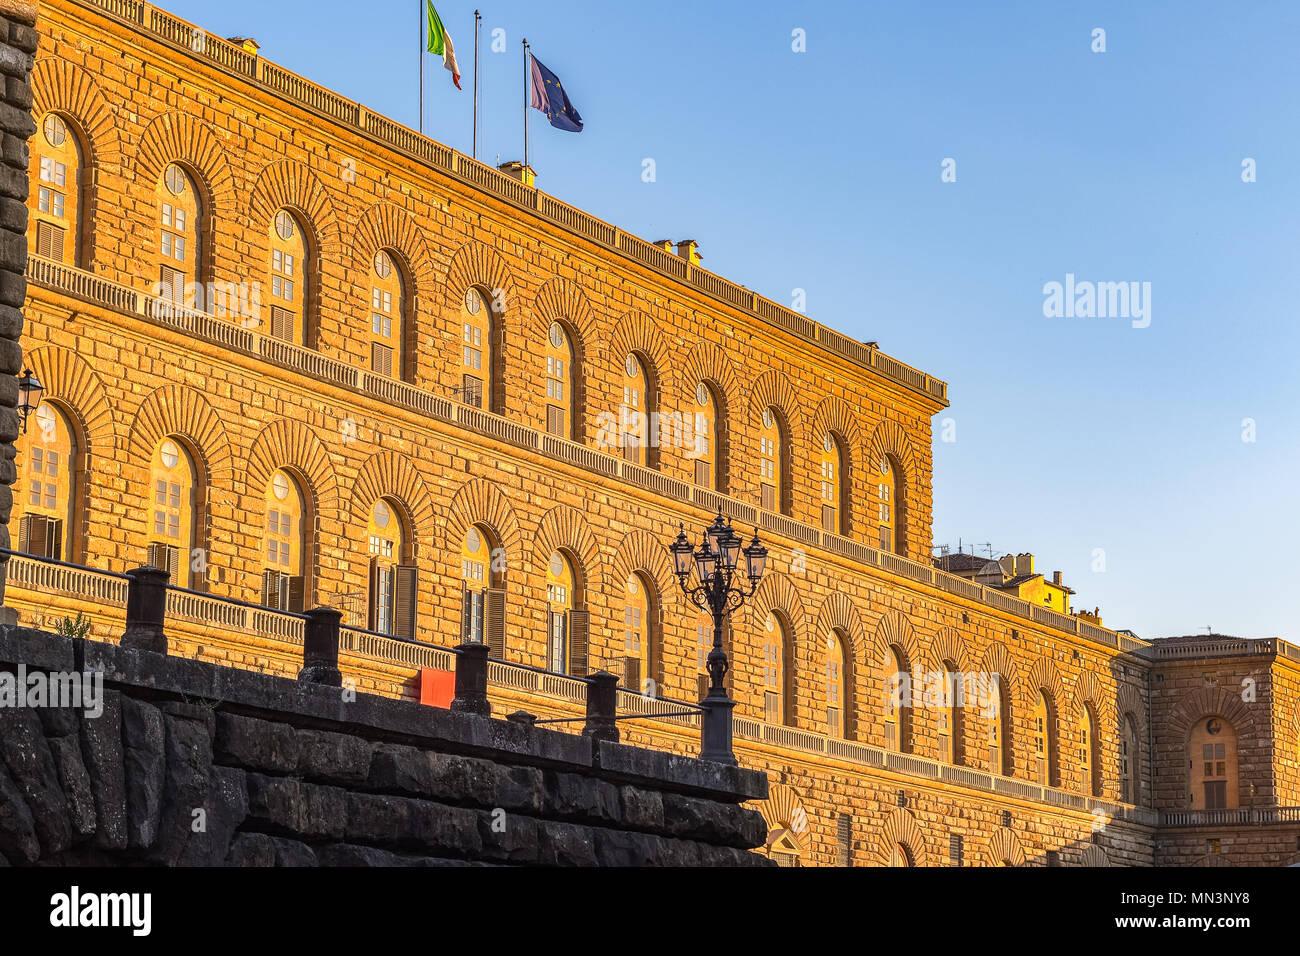 La lumière du soleil d'or frappé la façade du Palazzo dei Congressi (Palais Pitti) à Florence, en Italie, au coucher du soleil Photo Stock